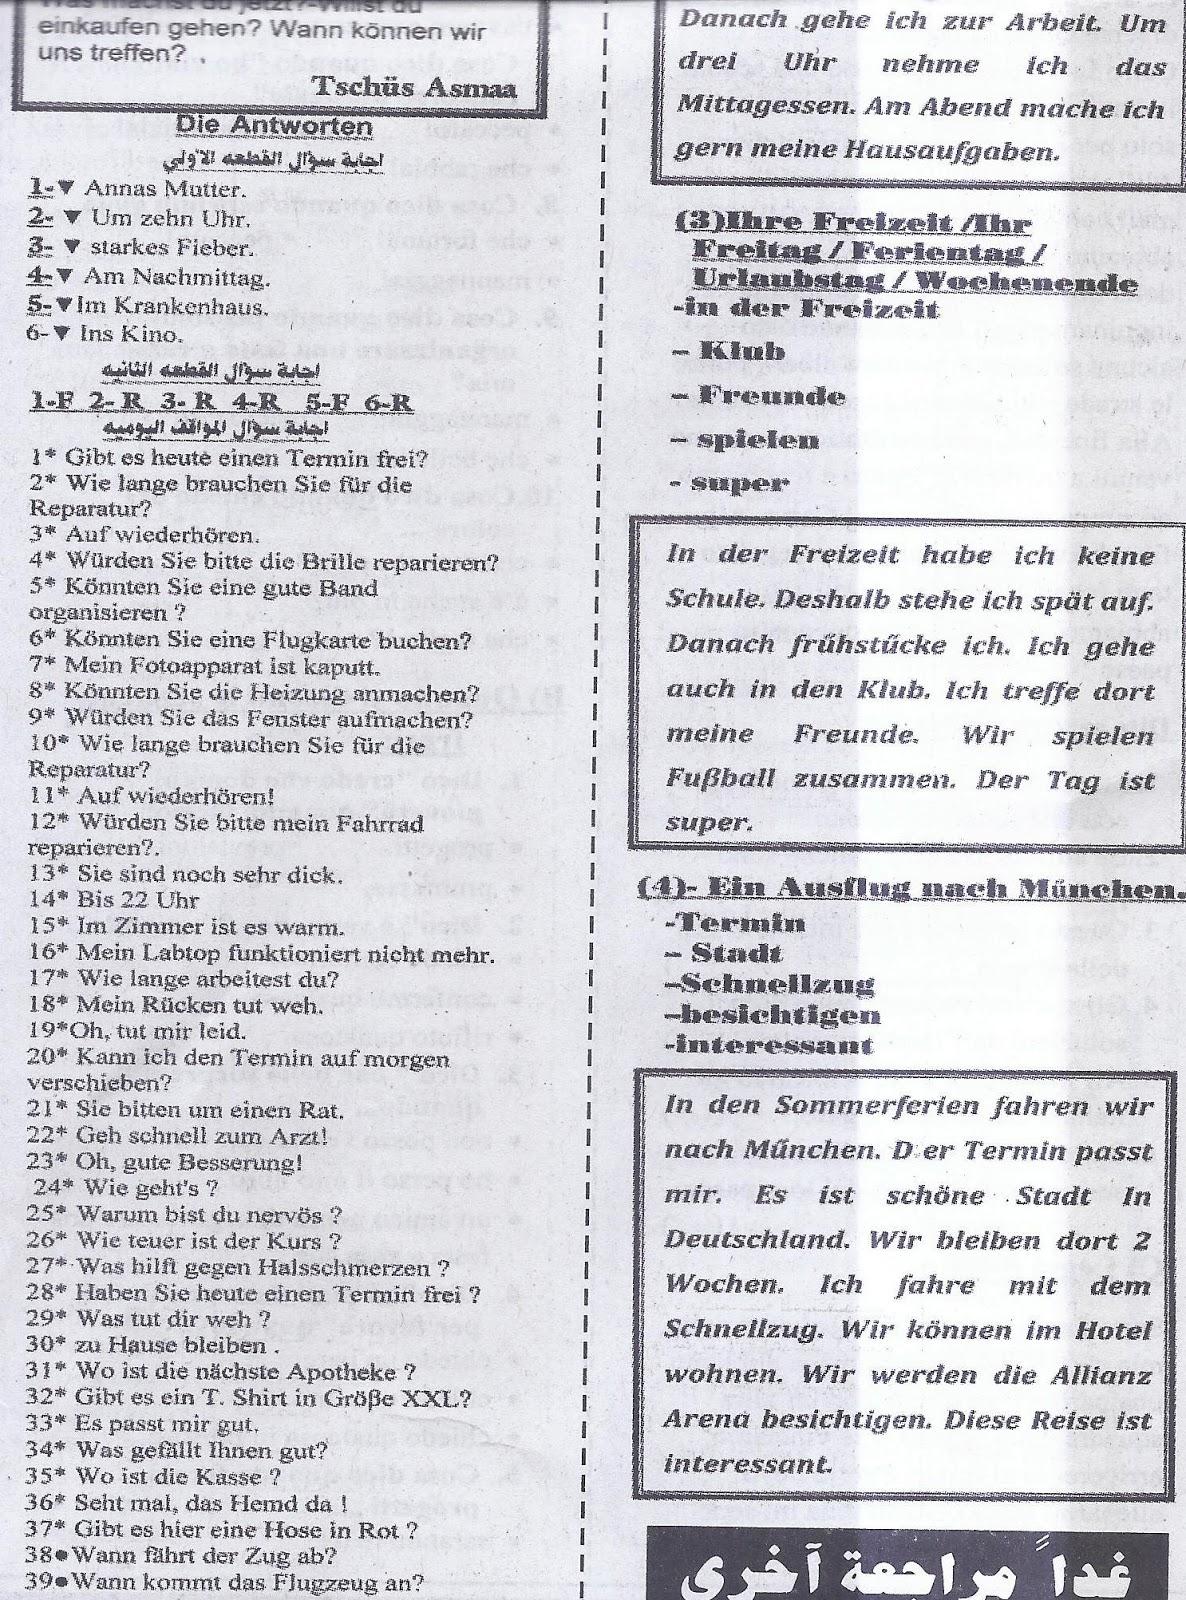 أهم أسئلة اللغة الالمانية المتوقعة لامتحان الثانوية العامة 2016 .. بالاجابات 19